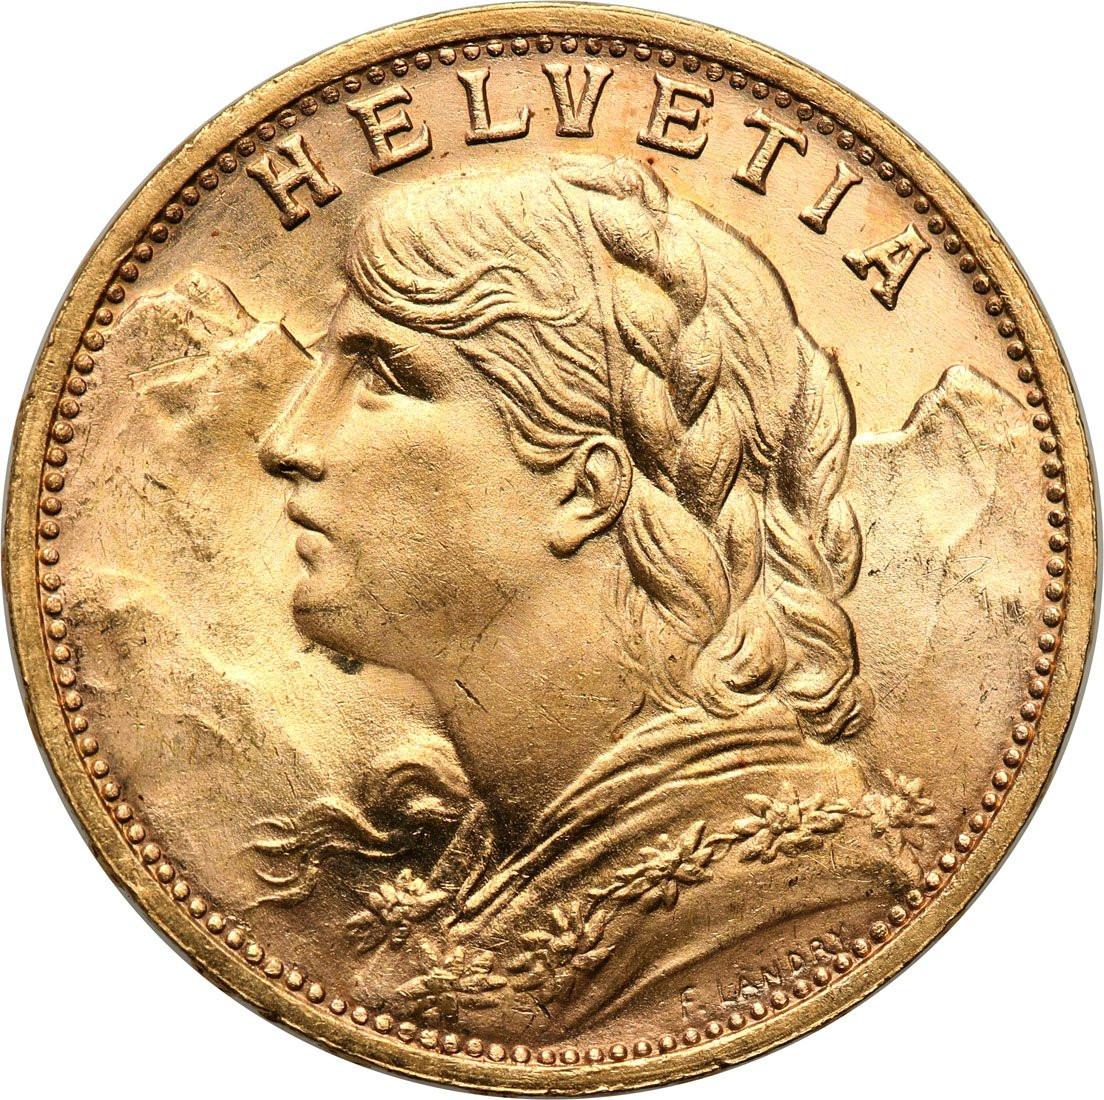 Szwajcaria. Helvetia 20 franków 1935